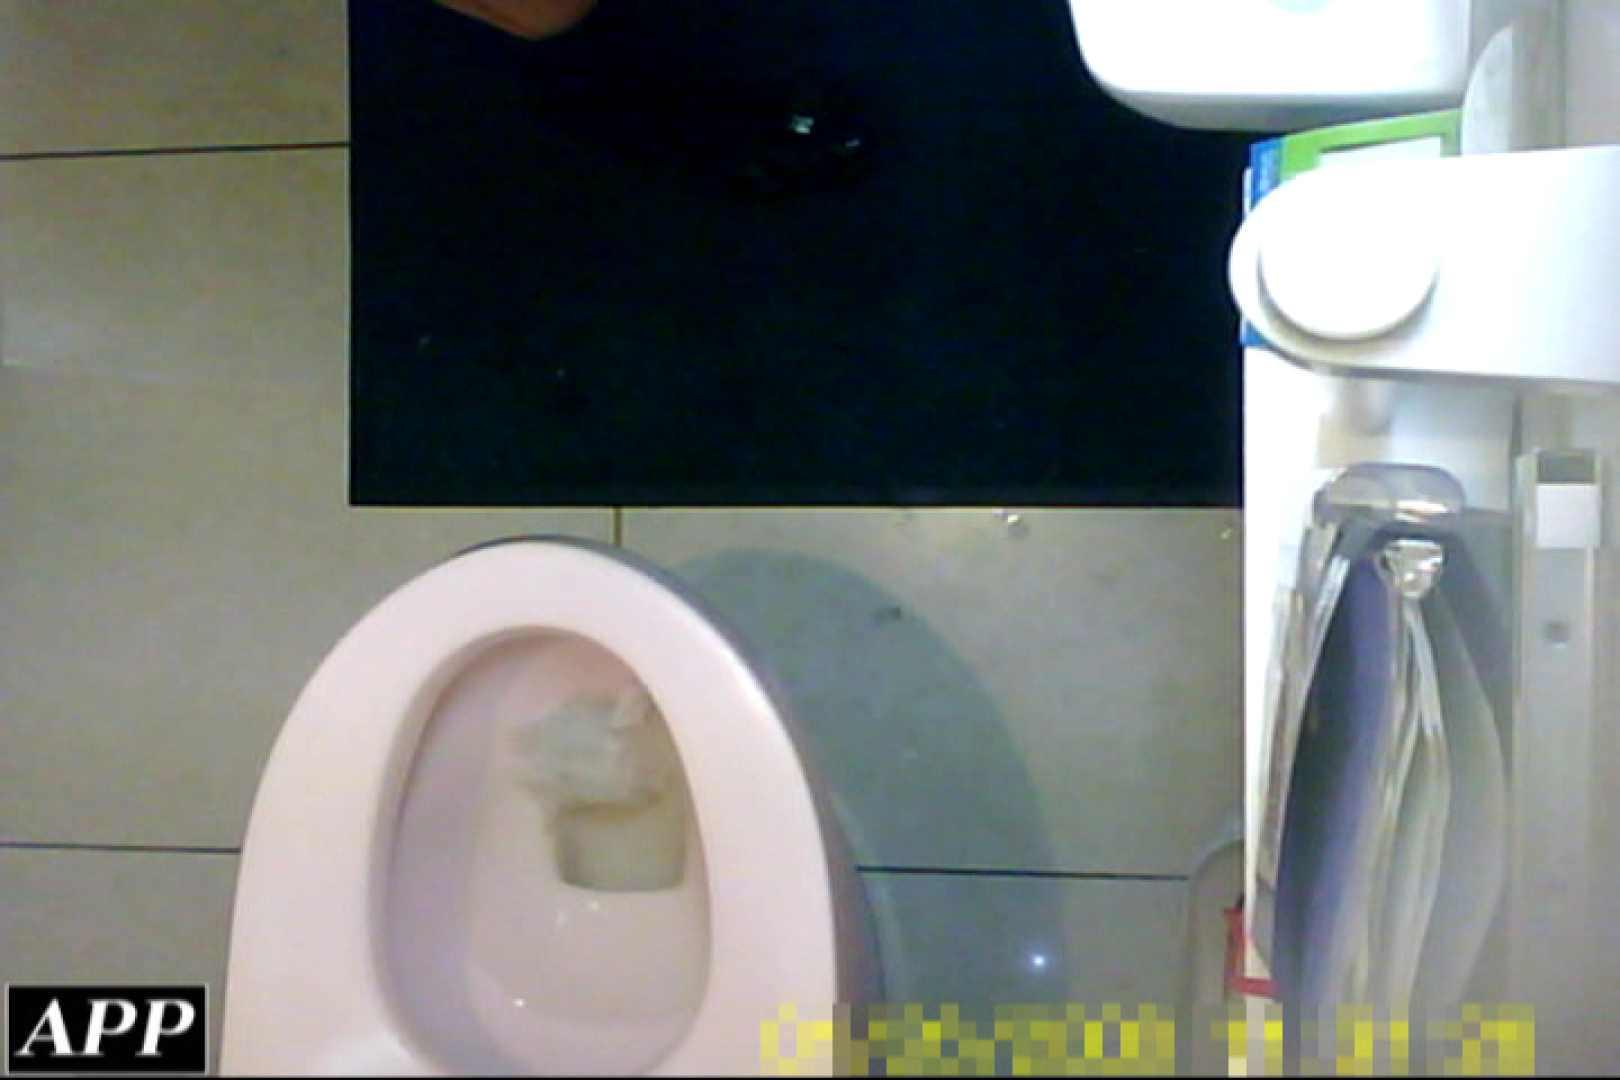 3視点洗面所 vol.104 たまらん肛門 オメコ無修正動画無料 86連発 59